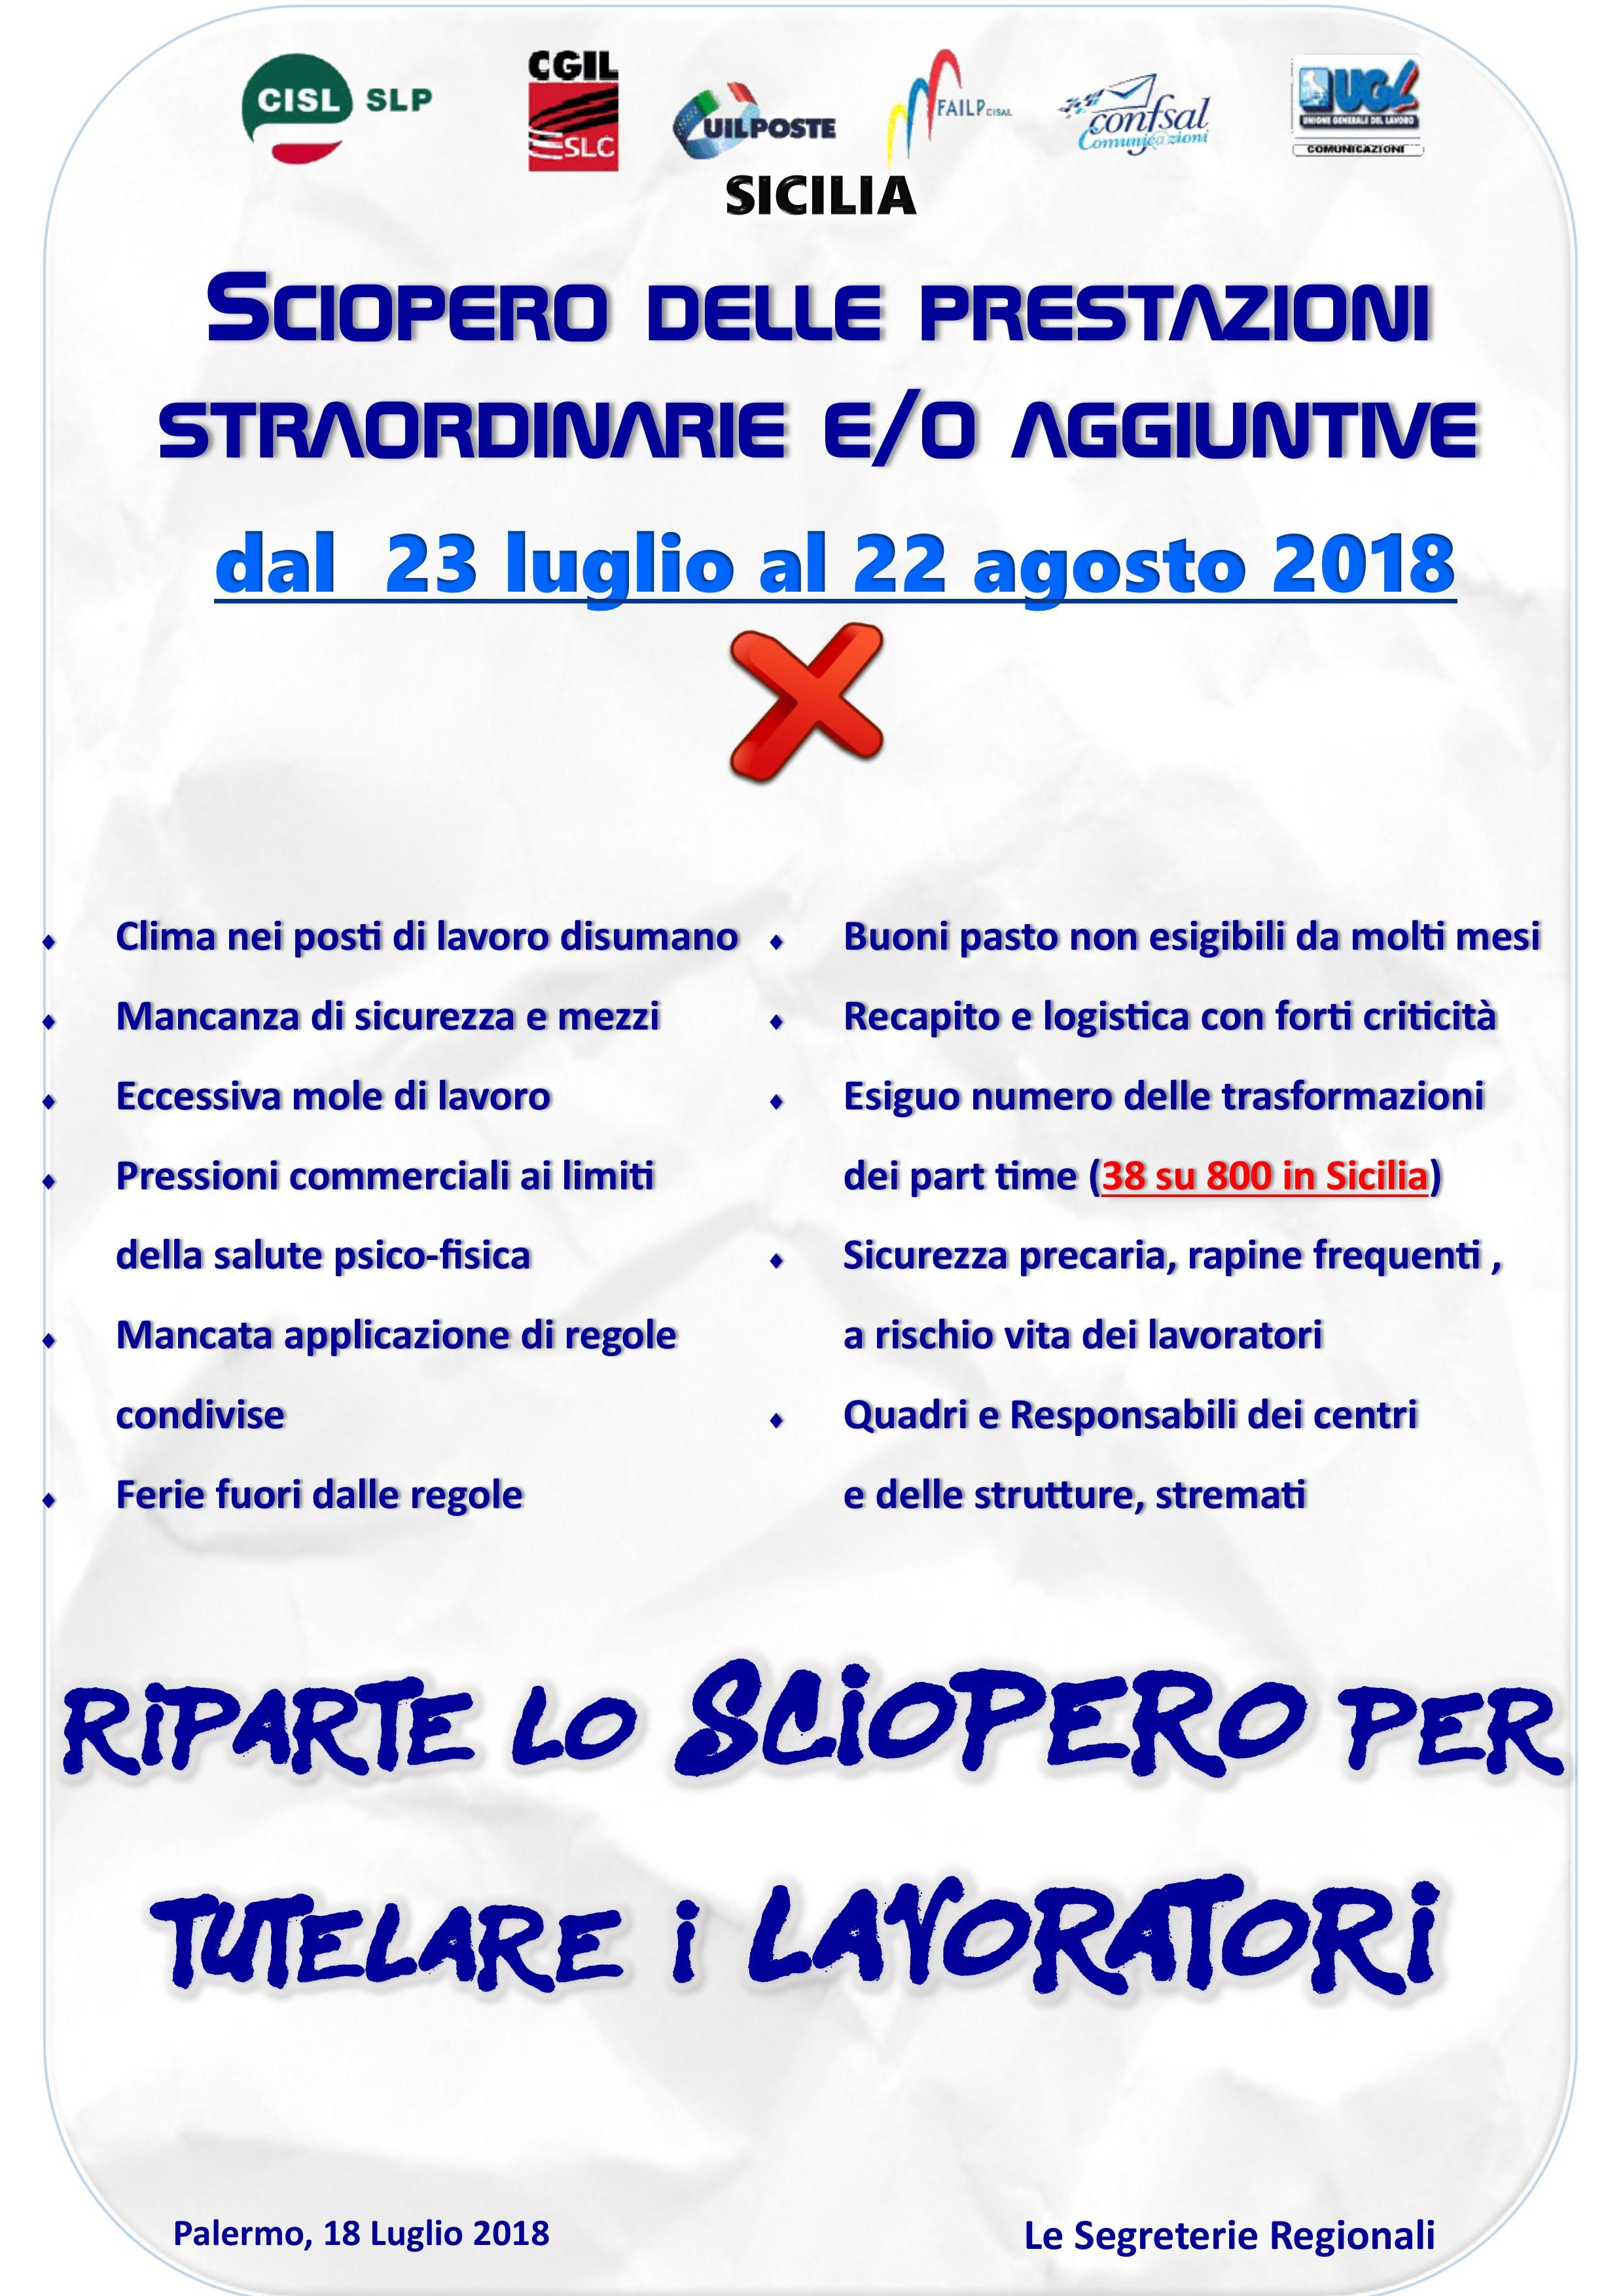 Manifesto sciopero prestazioni straordinarie 23 luglio 2018